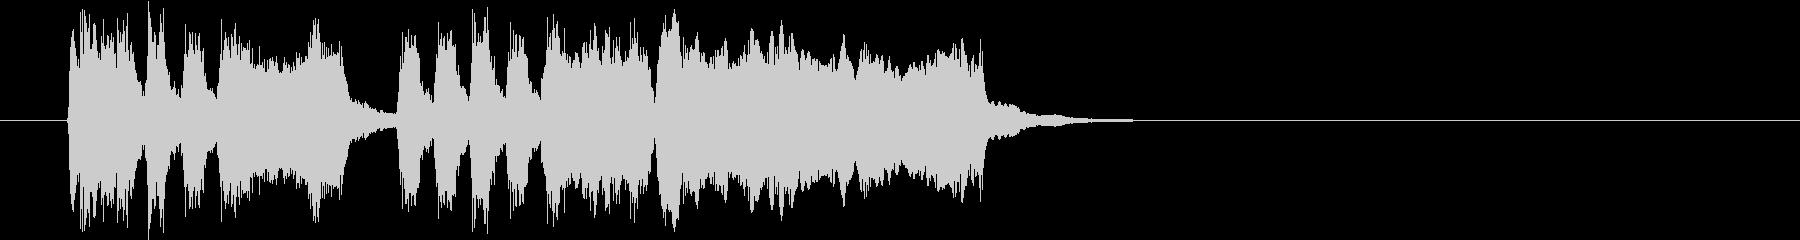 Tpファンファーレ 重厚め遅め滑らかめの未再生の波形